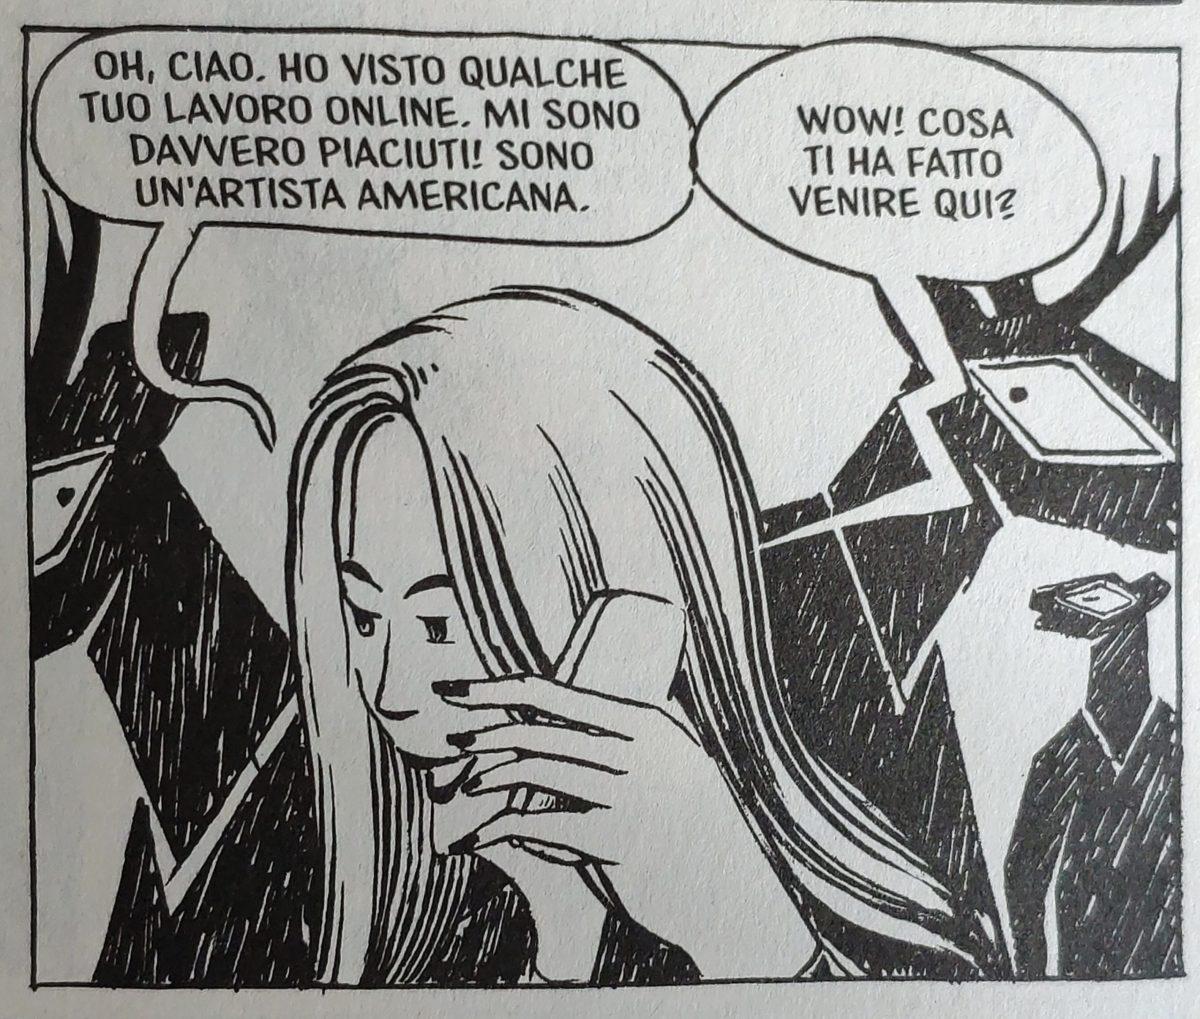 Mio caro fumetto... - Munnu conosce Paisley, l'artista di Brooklyn